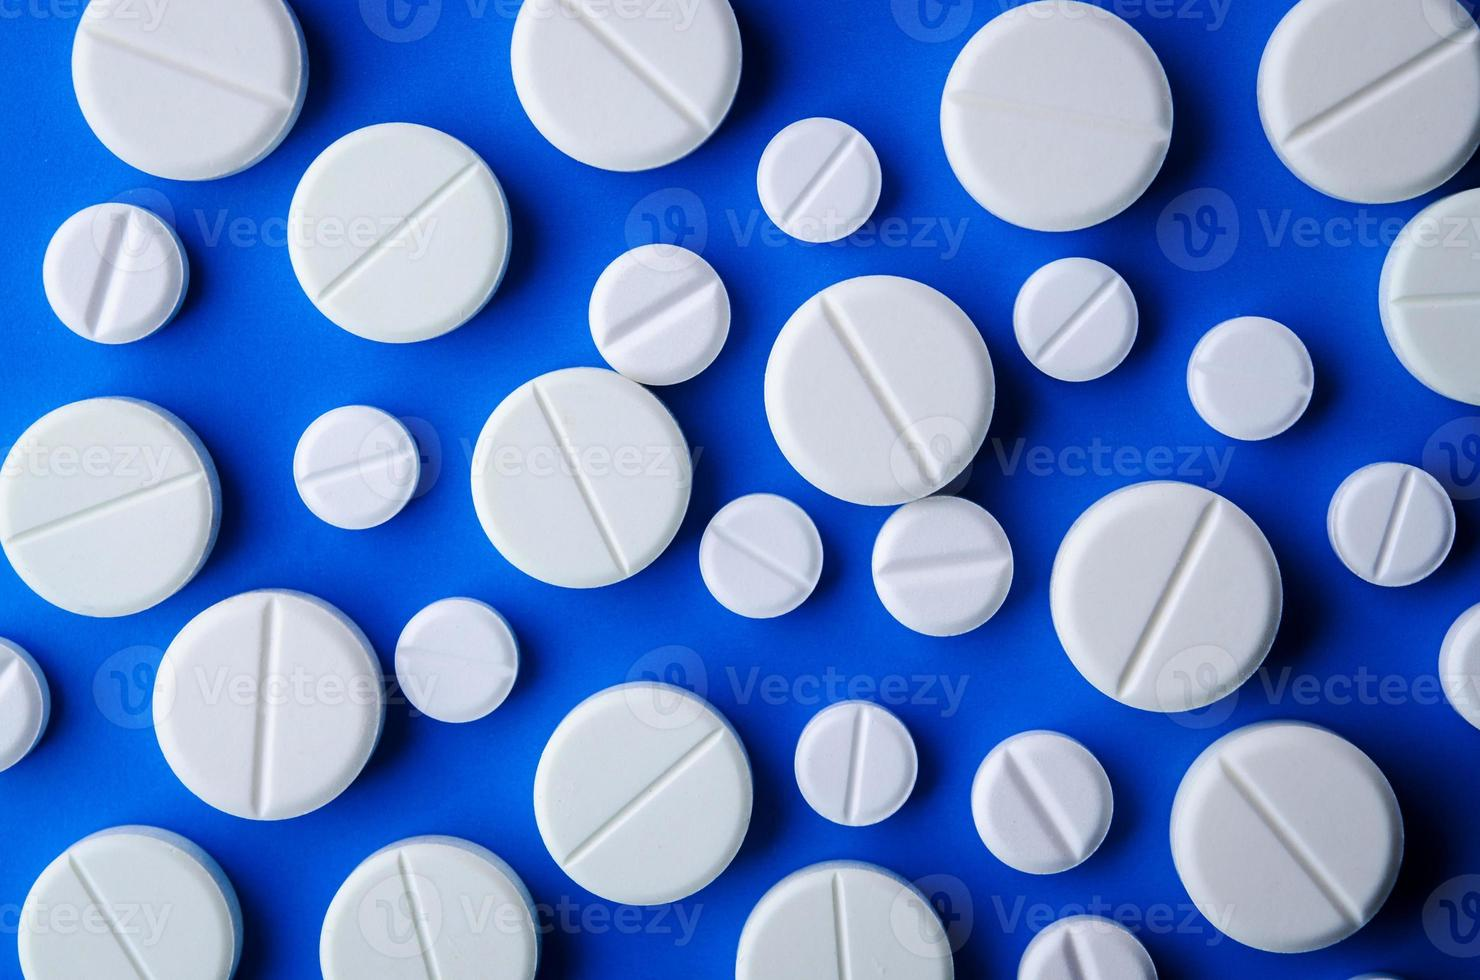 vita tabletter foto